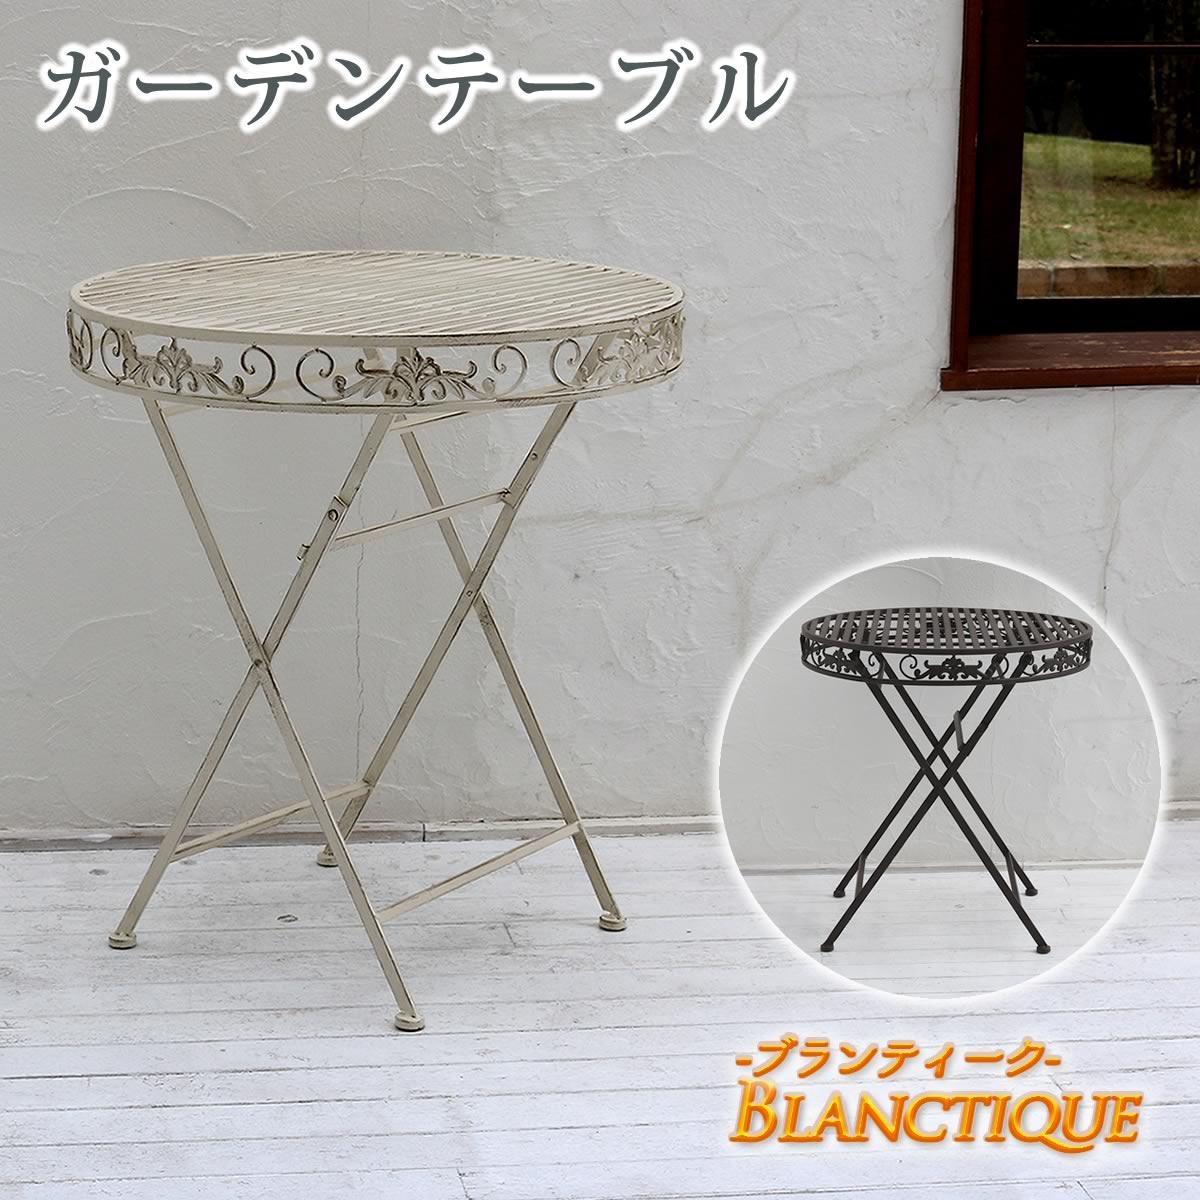 ブランティーク ホワイトアイアンテーブル70 ガーデンテーブル テラス 庭 ウッドデッキ 椅子 アンティーク クラシカル イングリッシュガーデン ファニチャー シンプル 北欧 インテリア 家具 おしゃれ カフェ